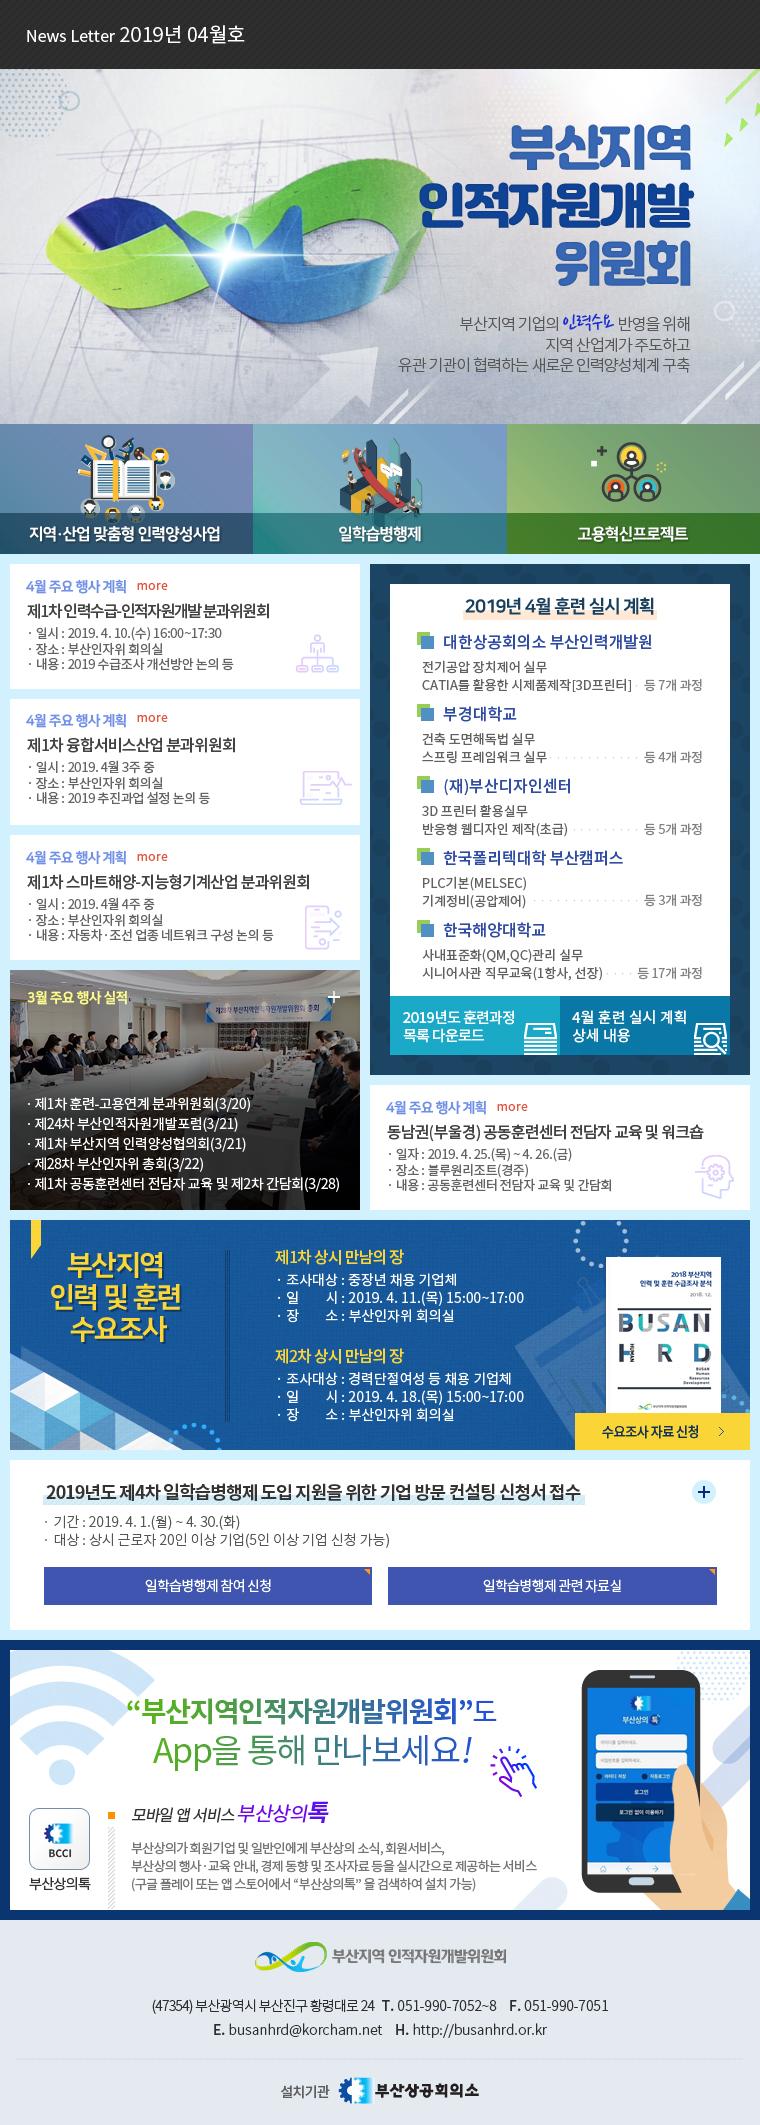 뉴스레터 2019년 04월호